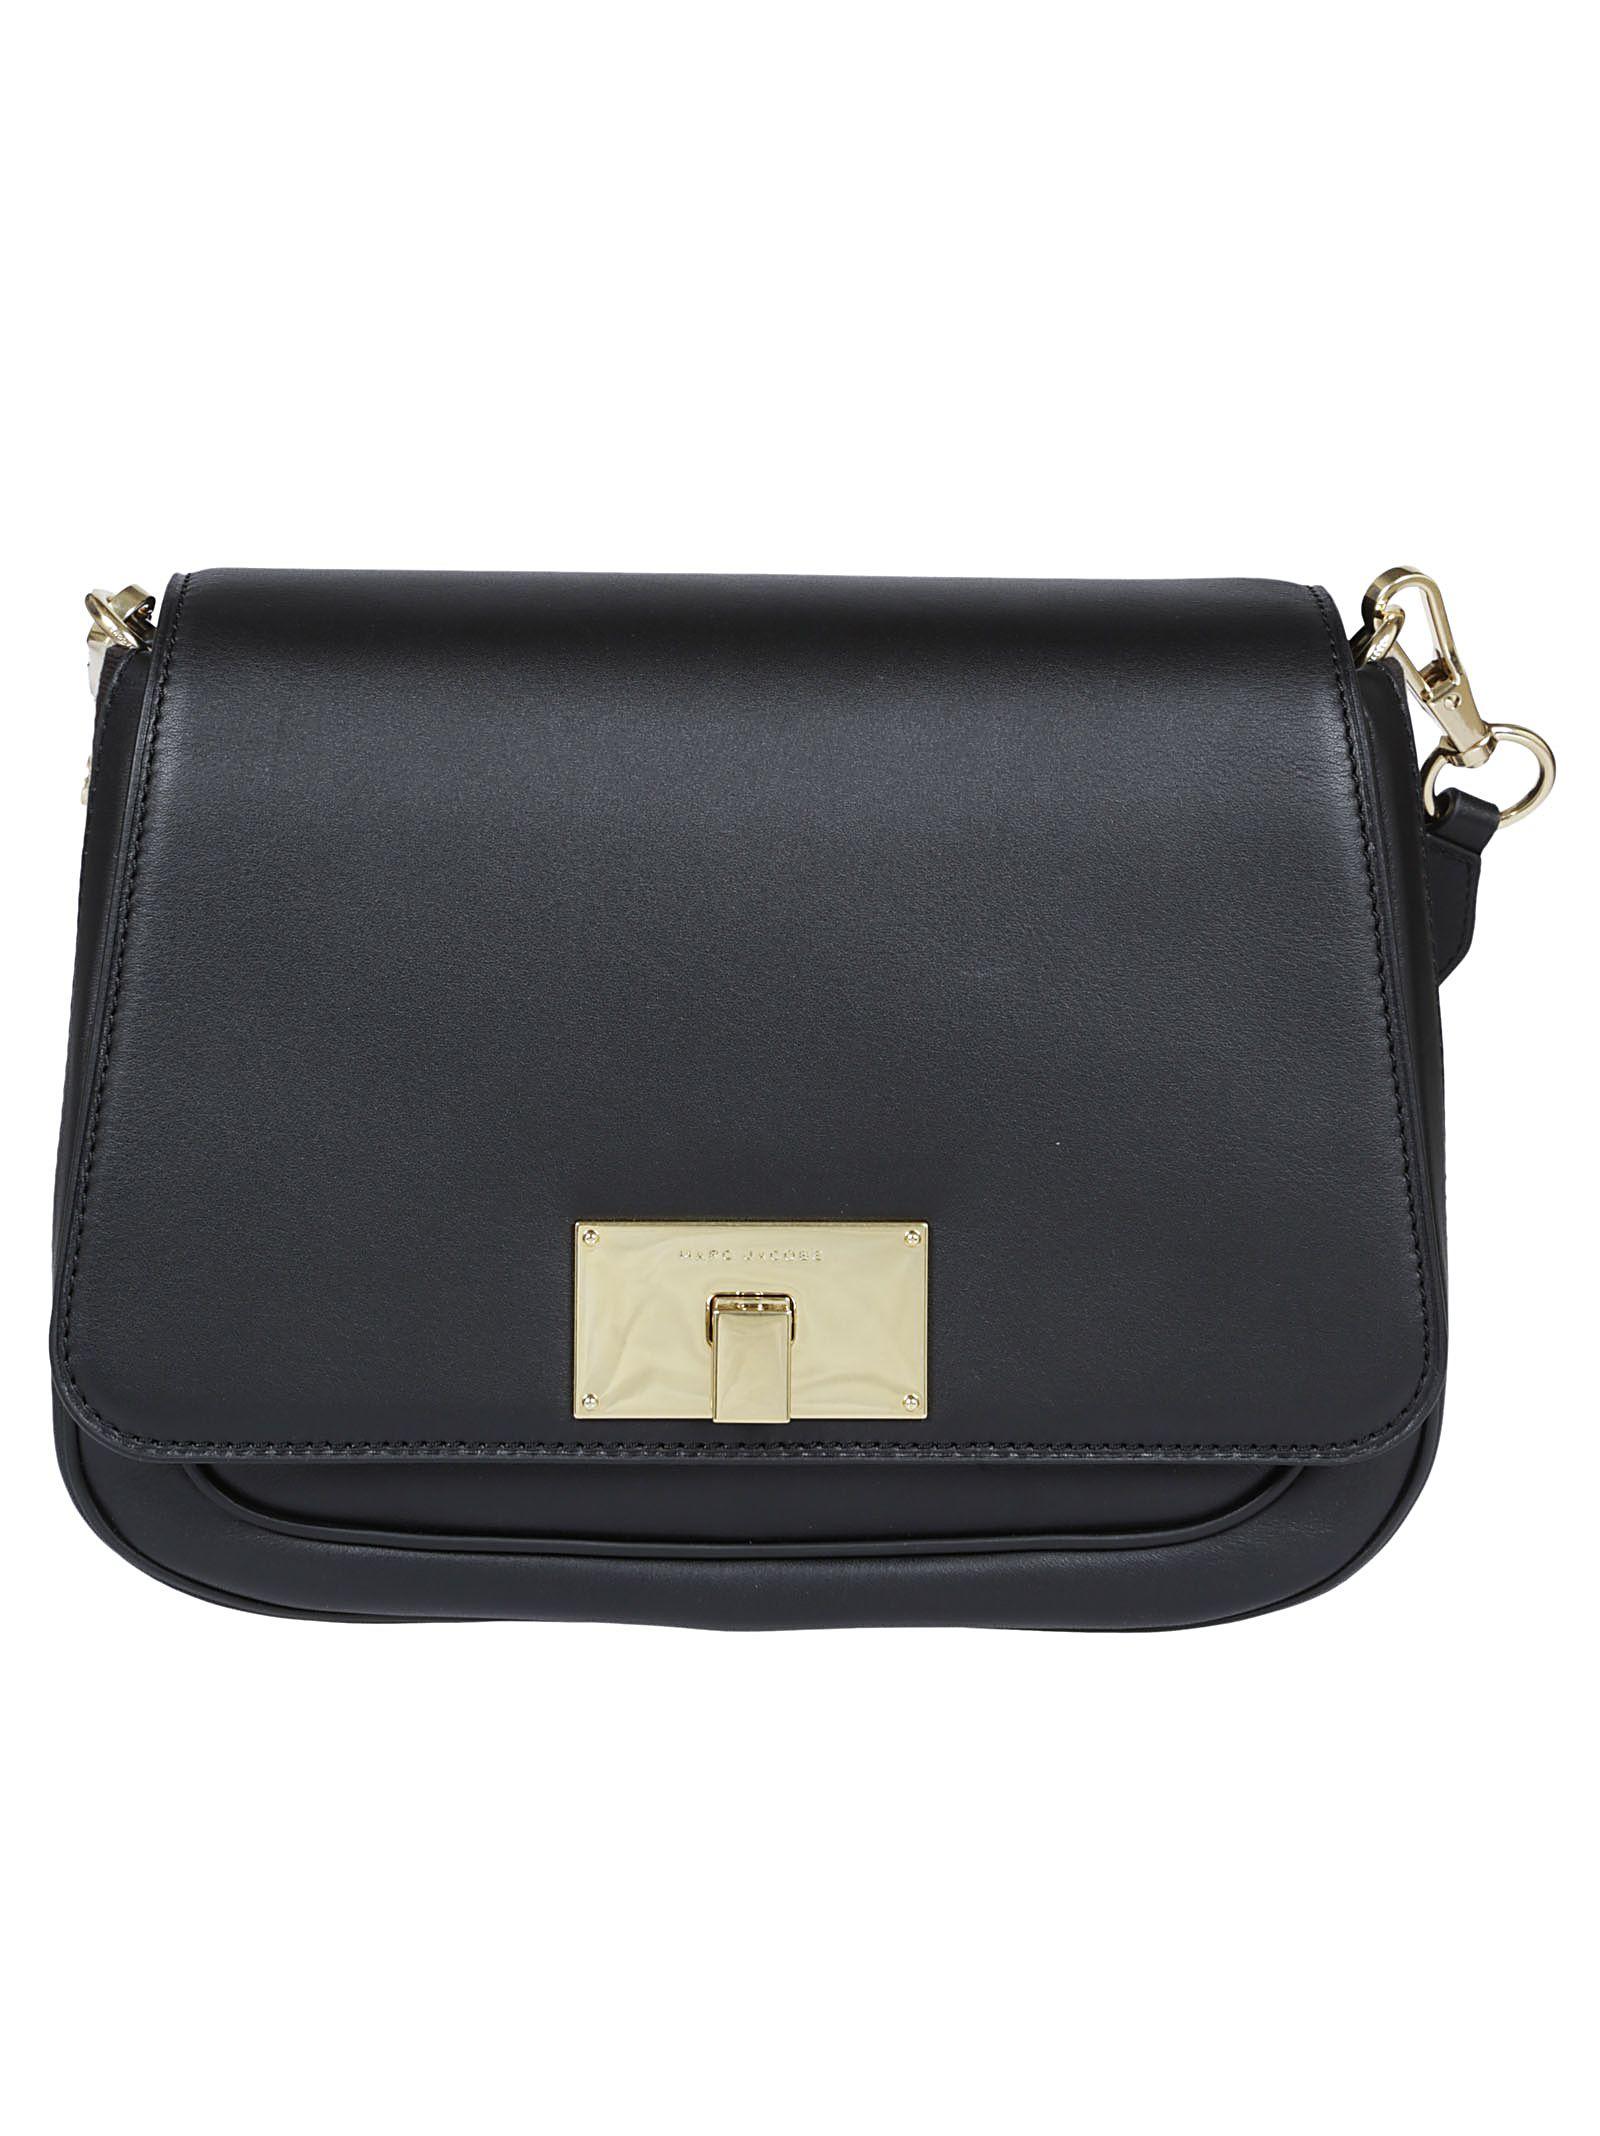 Marc Jacobs Foldover Top Shoulder Bag